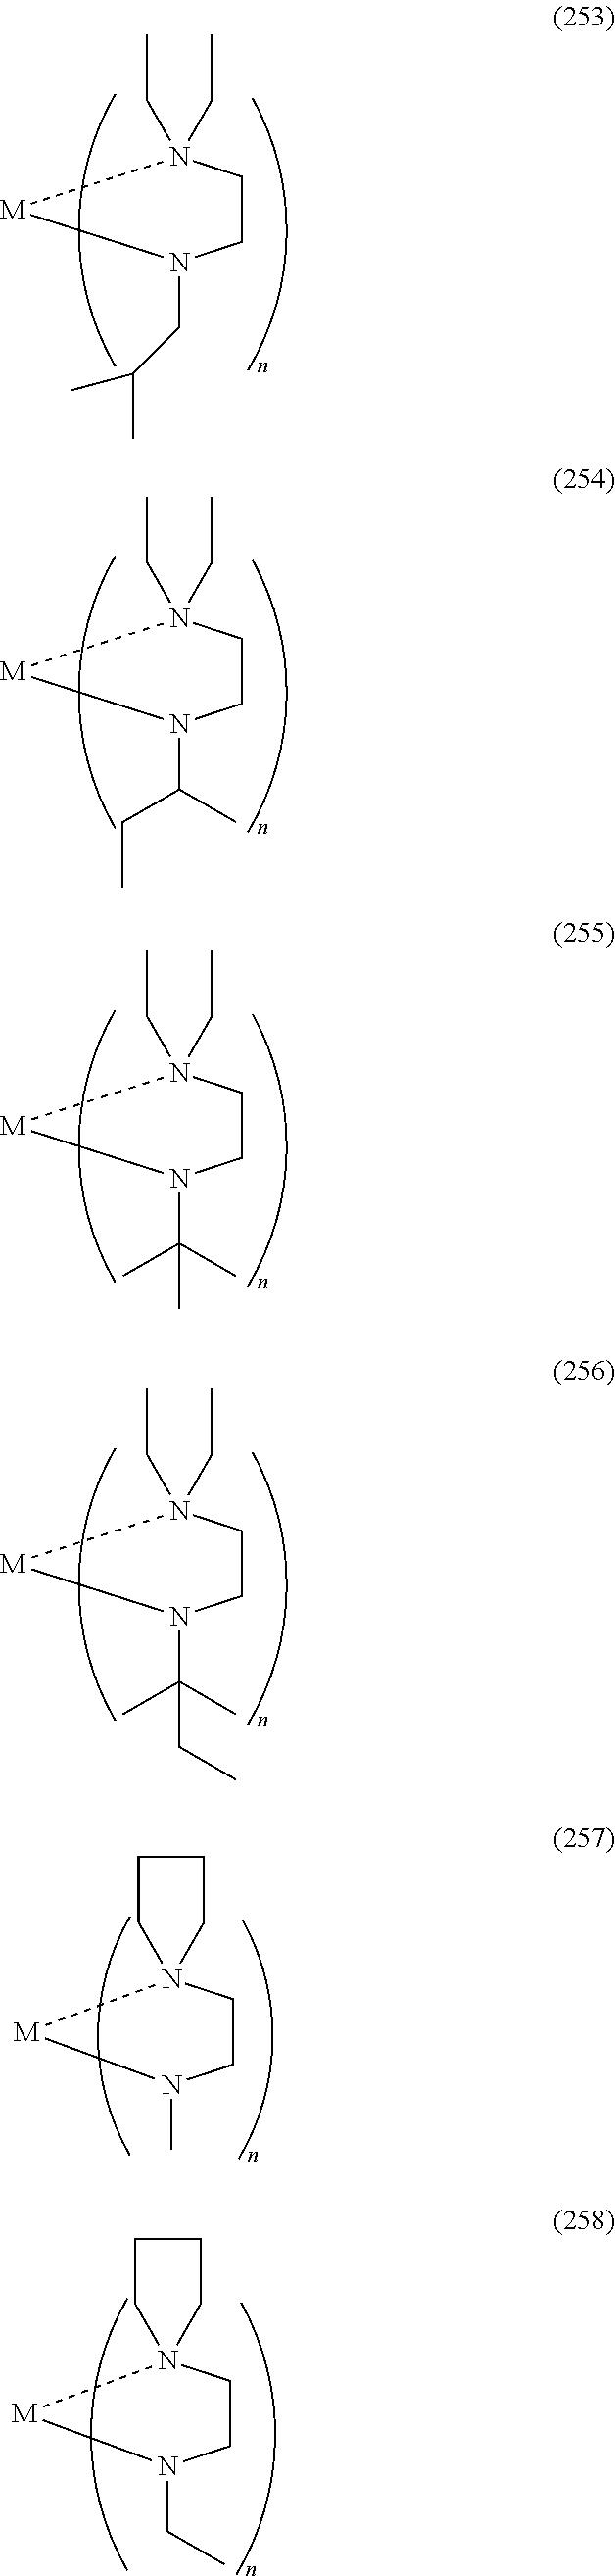 Figure US08871304-20141028-C00051